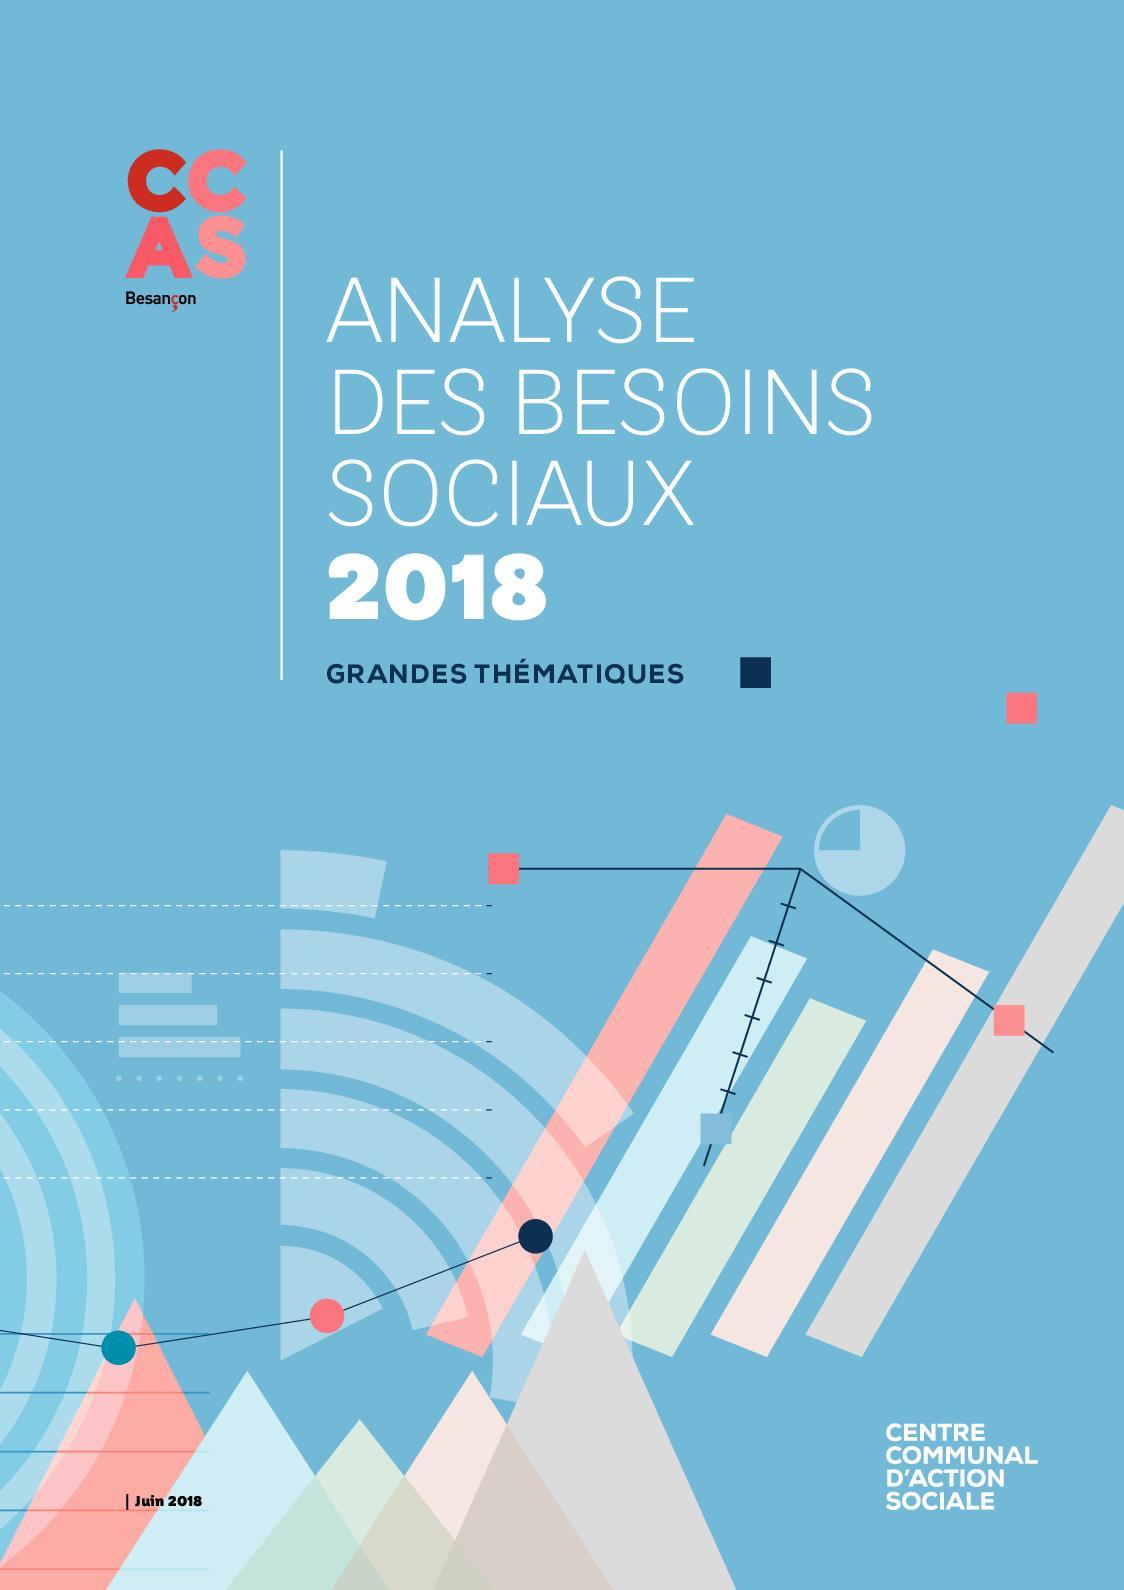 Analyse des besoins sociaux 2018 : les grandes thématiques